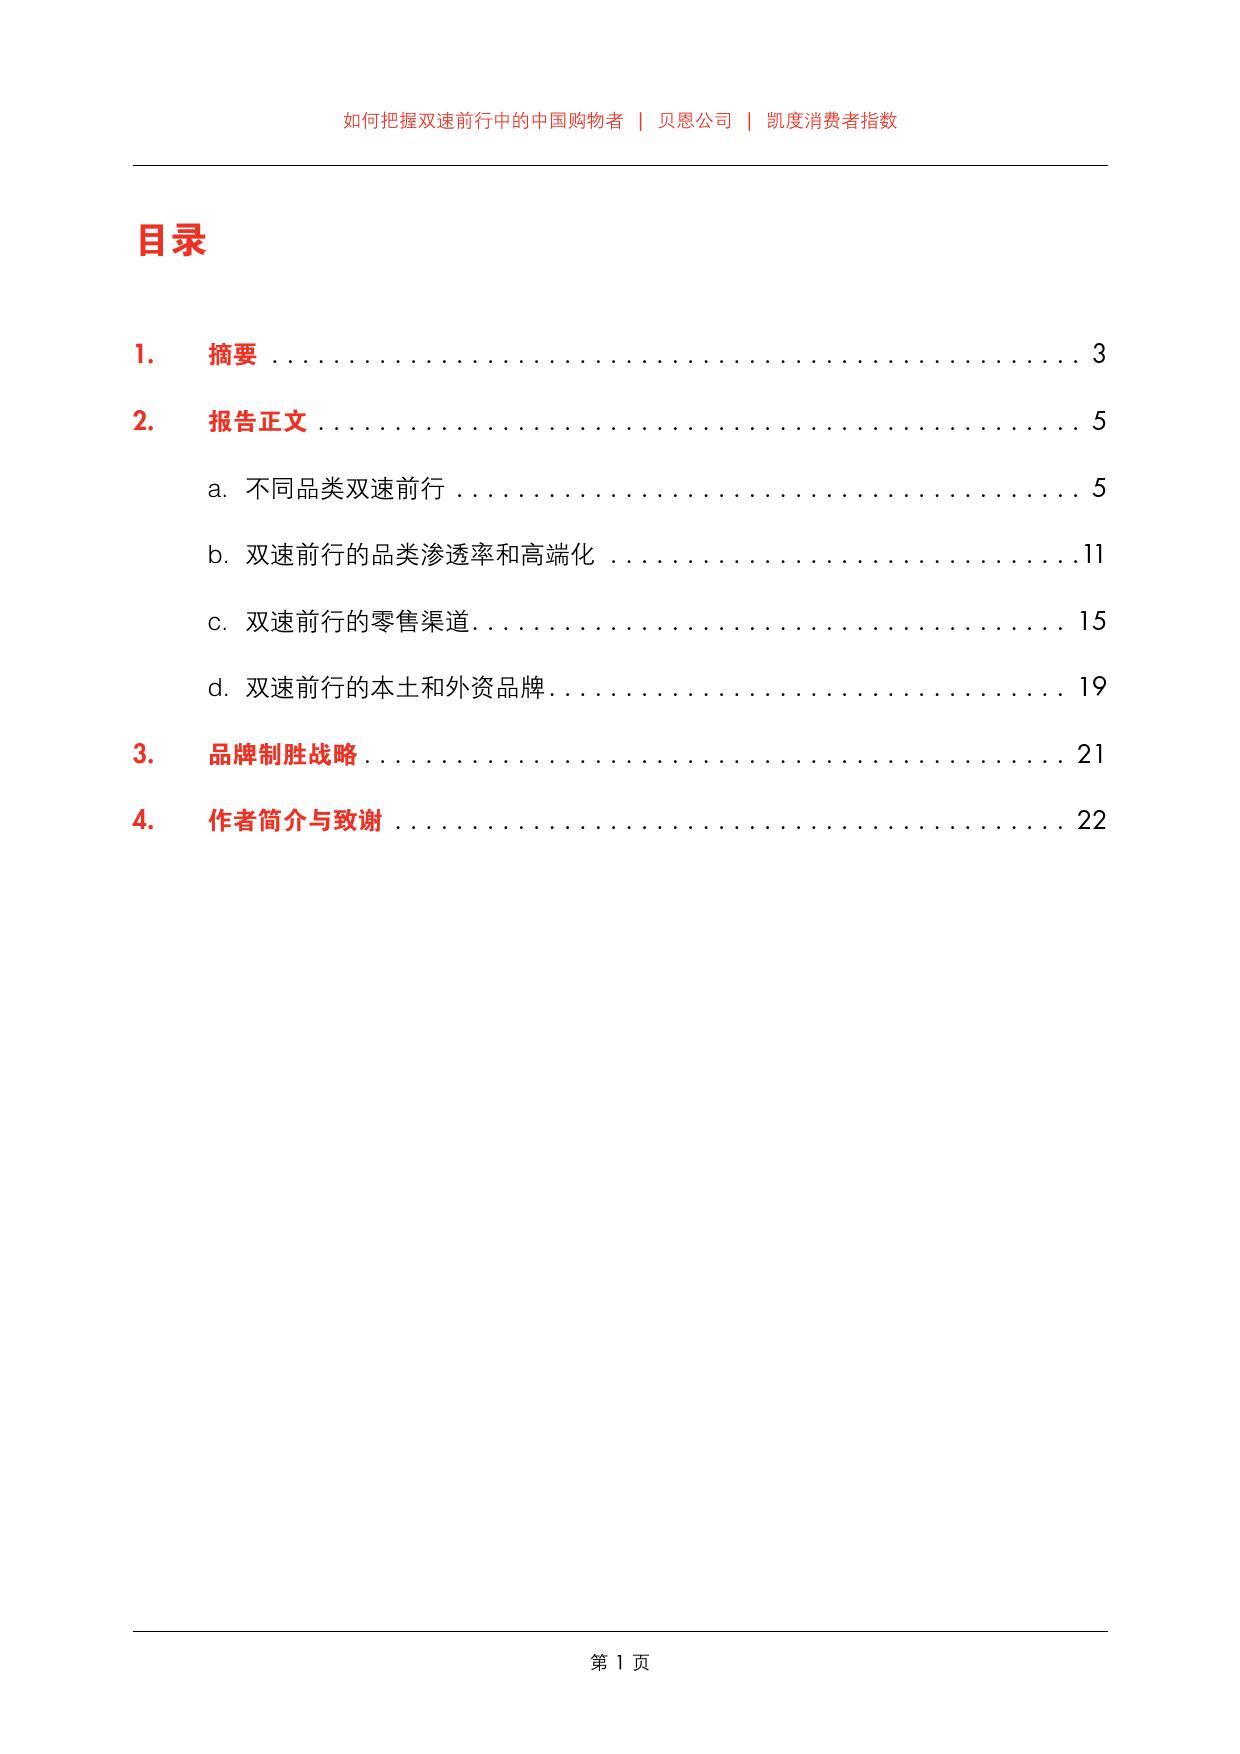 2016年中国购物者报告_000003